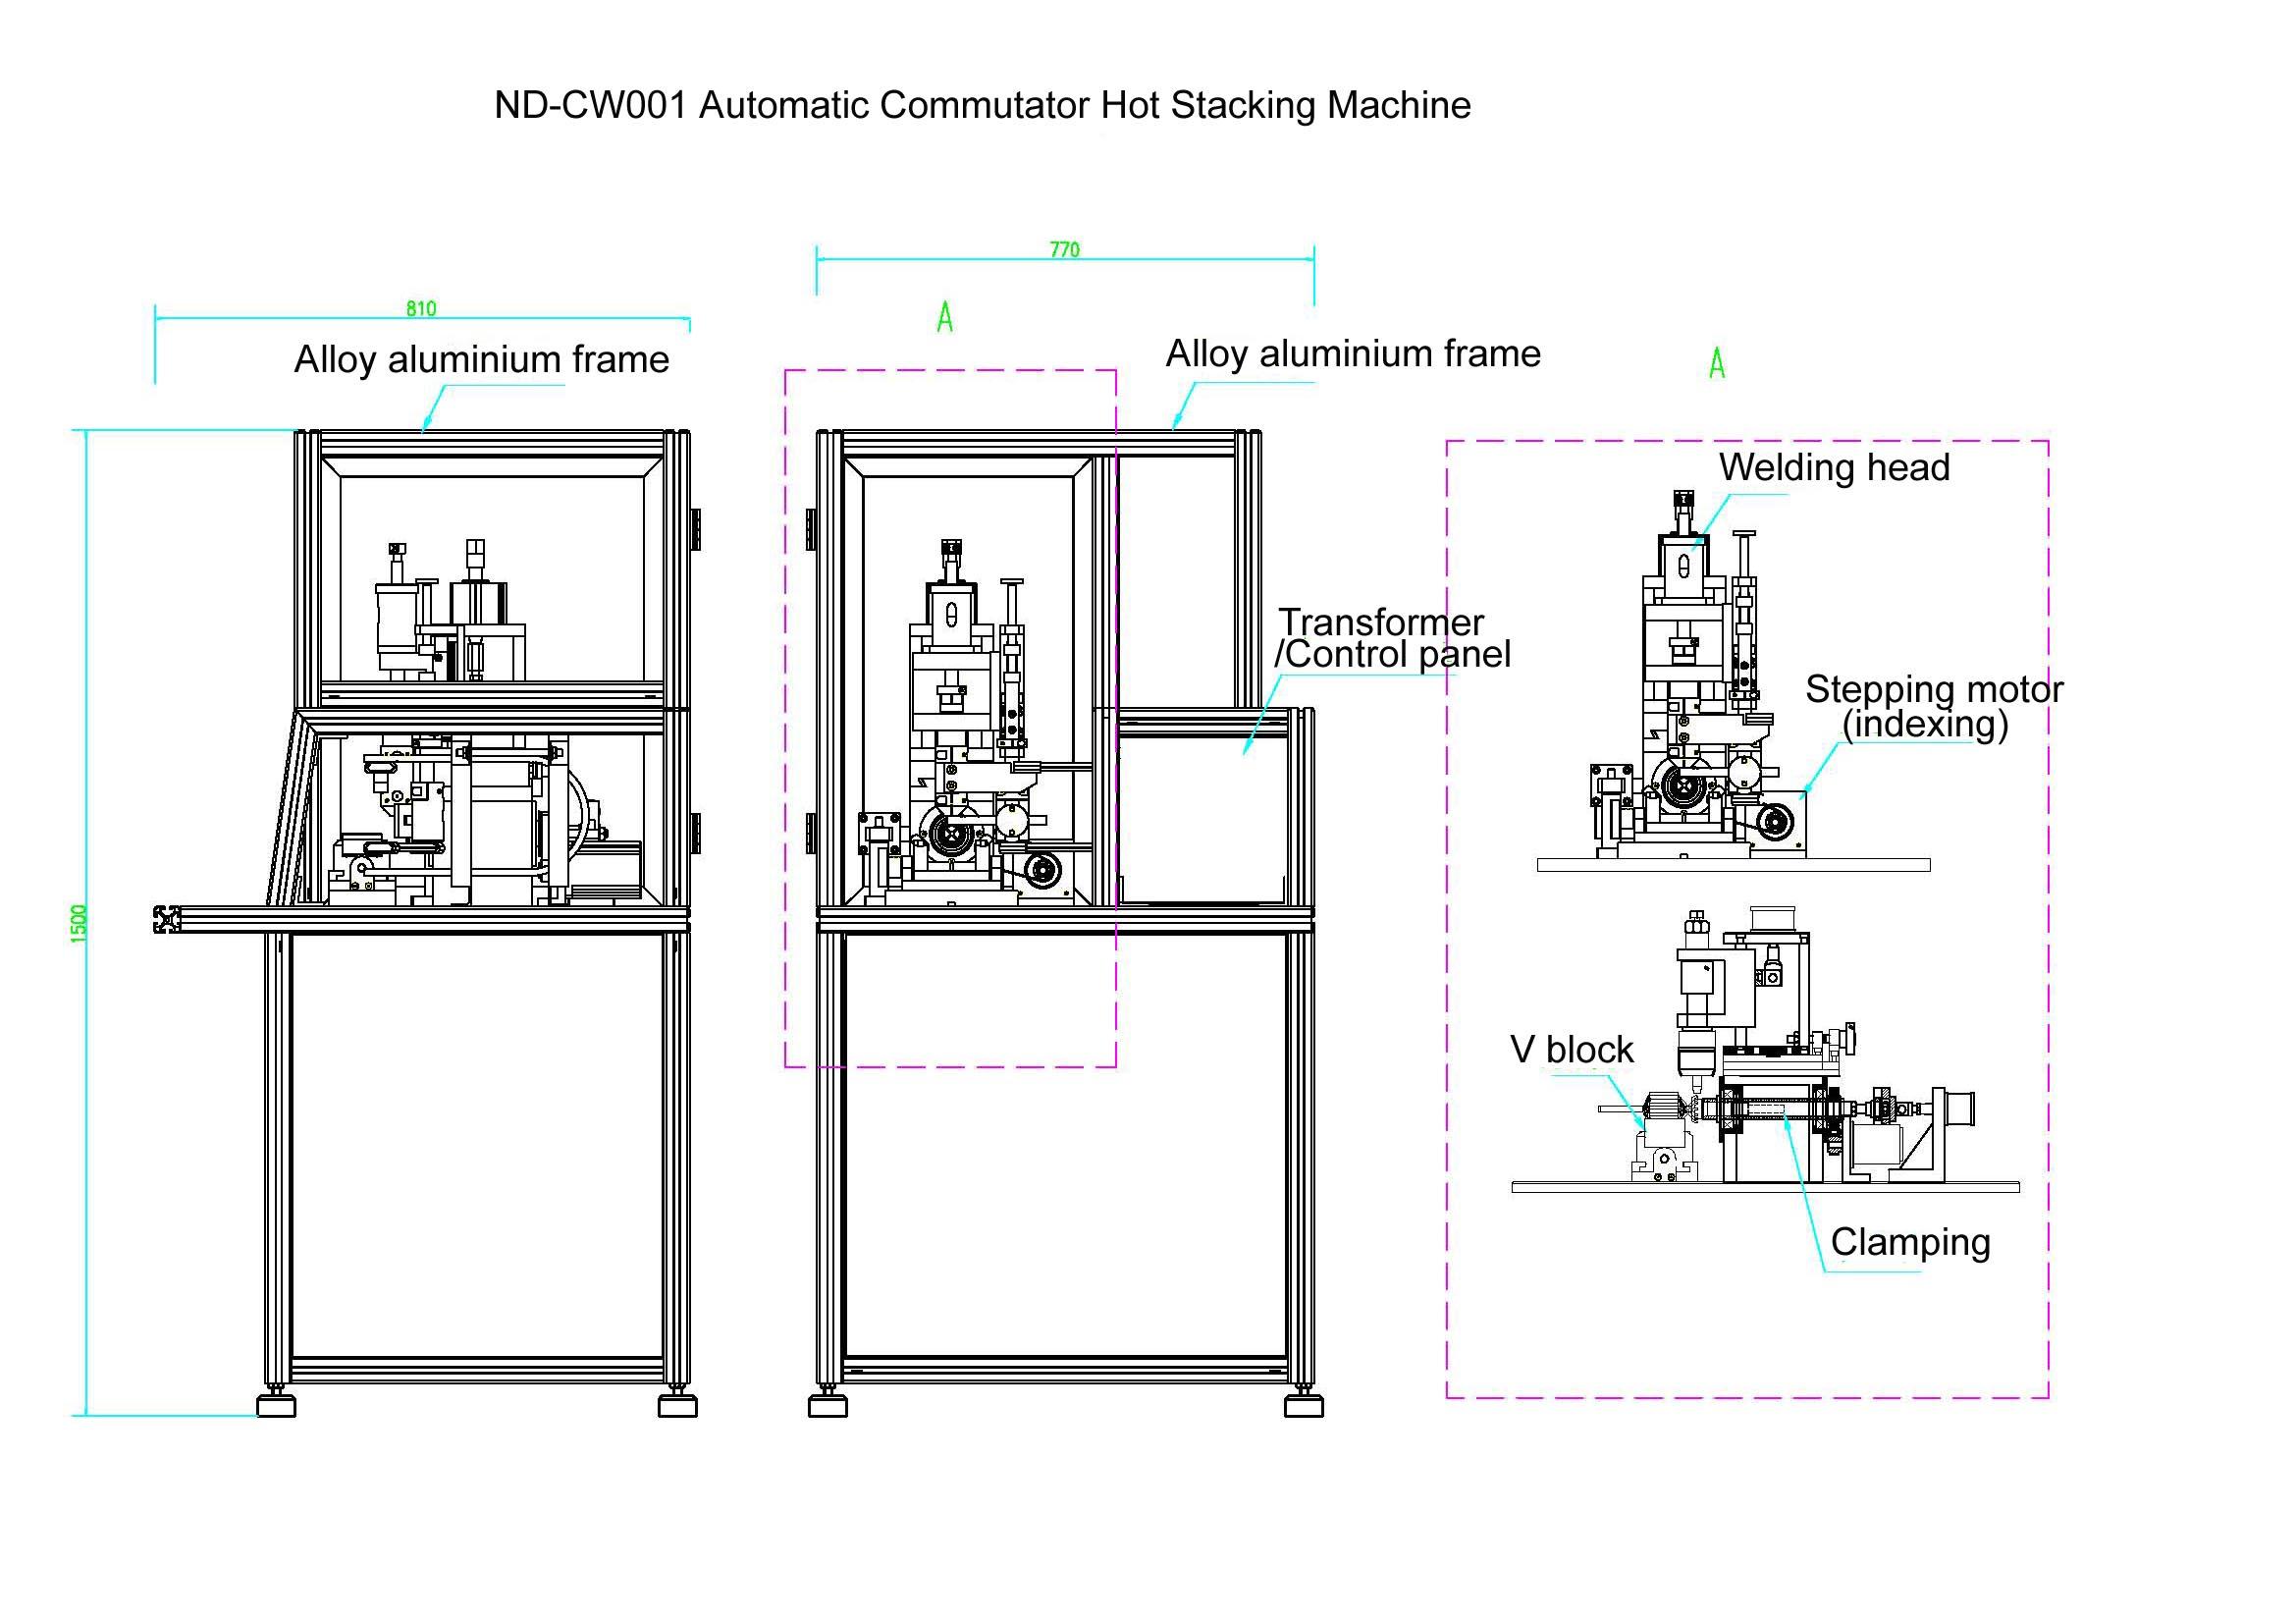 dc motor ac motor hook type riser type commutator fusing